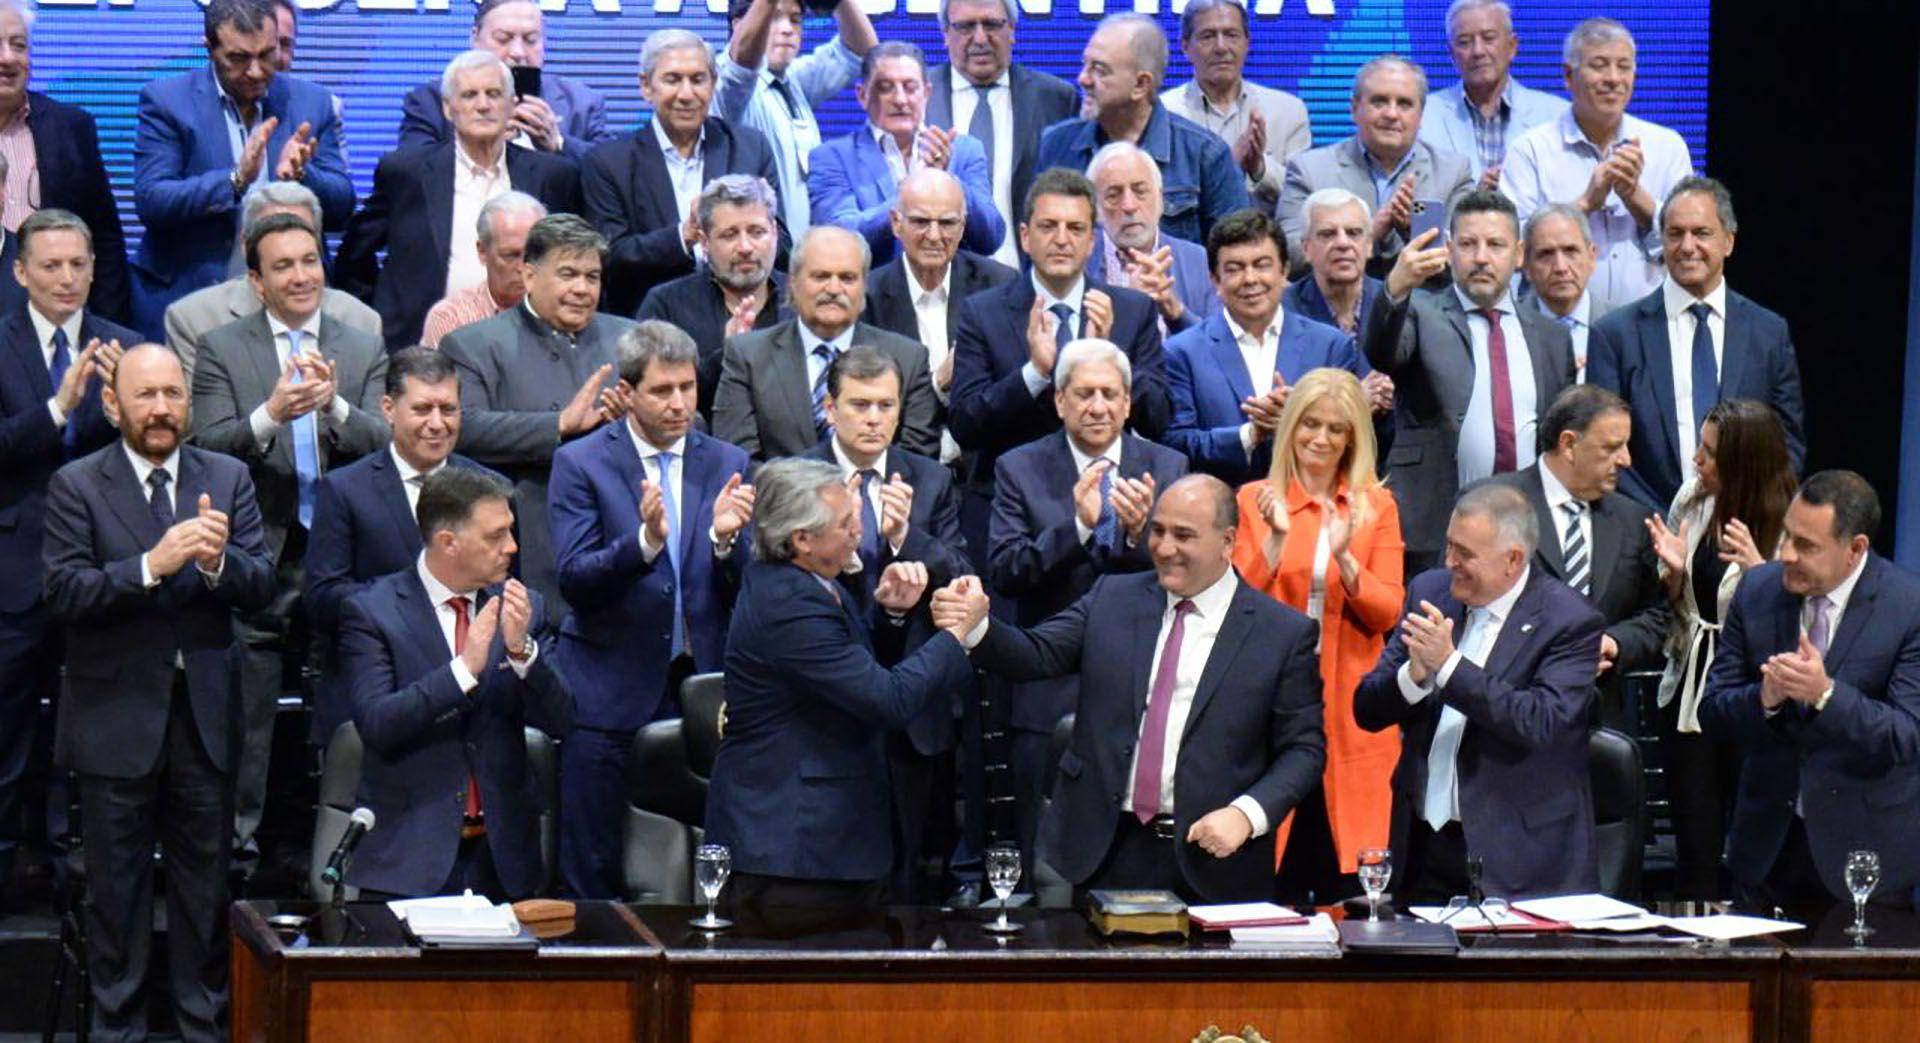 """El día de la victoria no dejaron a muchos gobernadores subir al escenario. Al otro día, en Tucumán, Juan Manzur se cobró revancha y lo presentó a Alberto Fernández como el """"jefe del peronismo"""". Cristina Kirchner rió después que él y todavía está castigado."""